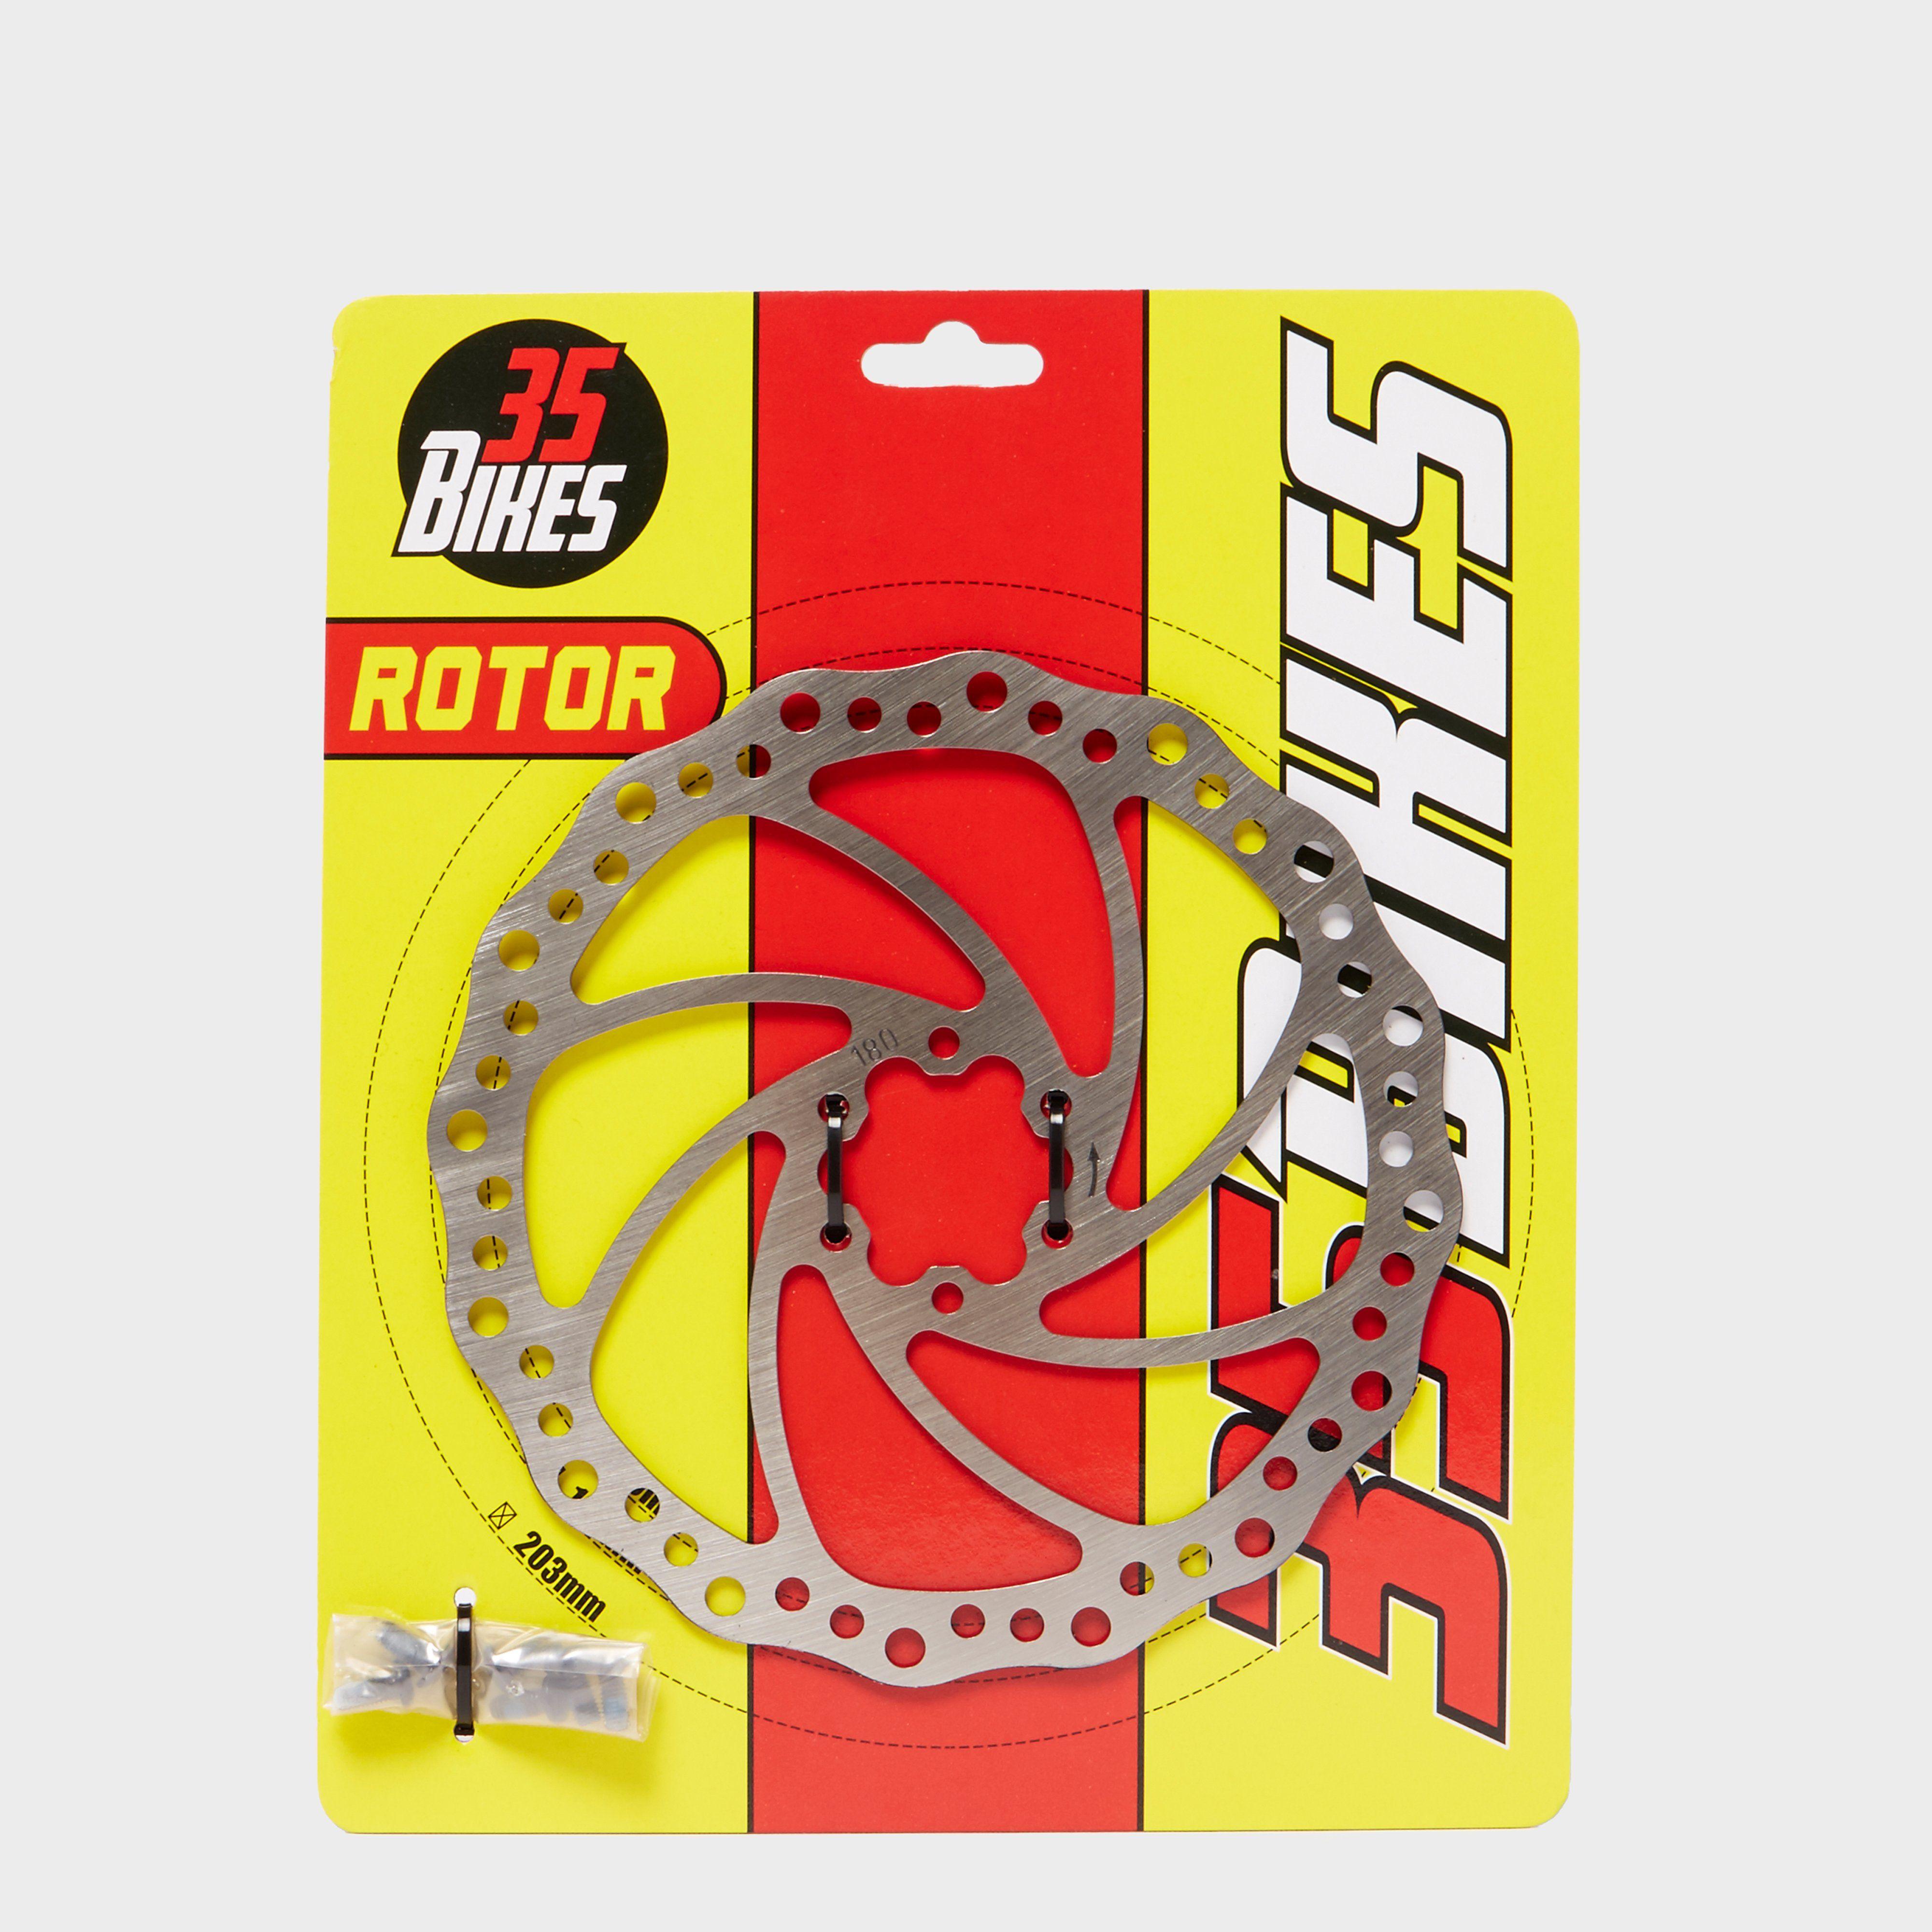 35 BIKES Disc Rotor 180mm